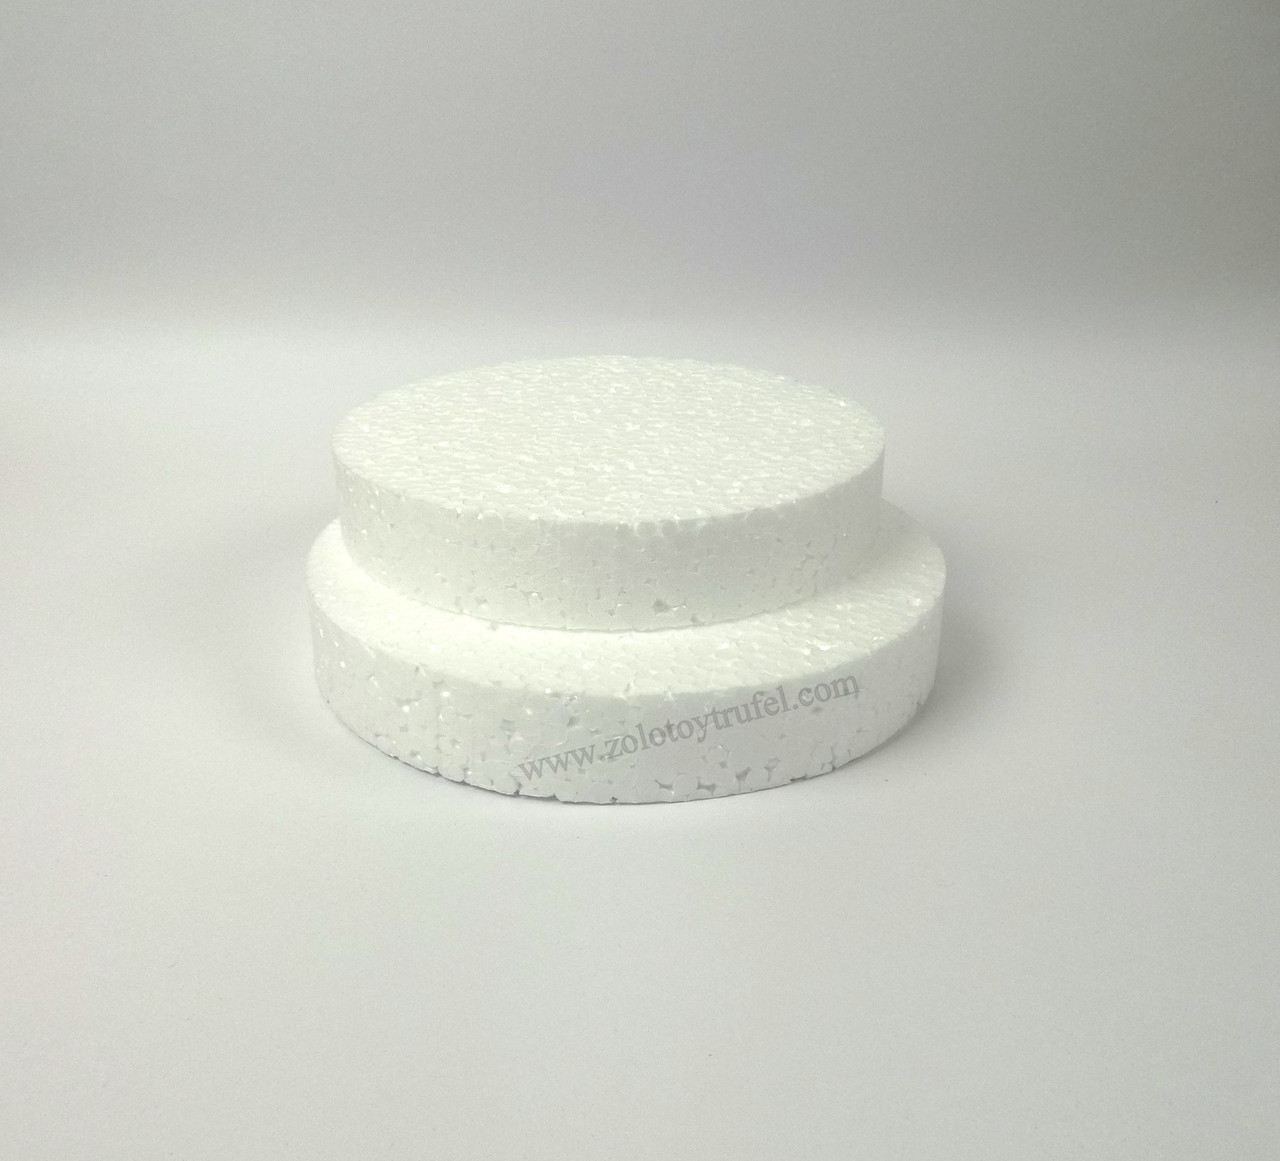 Прослойка пенопластовая для торта d 14 см h 3 см